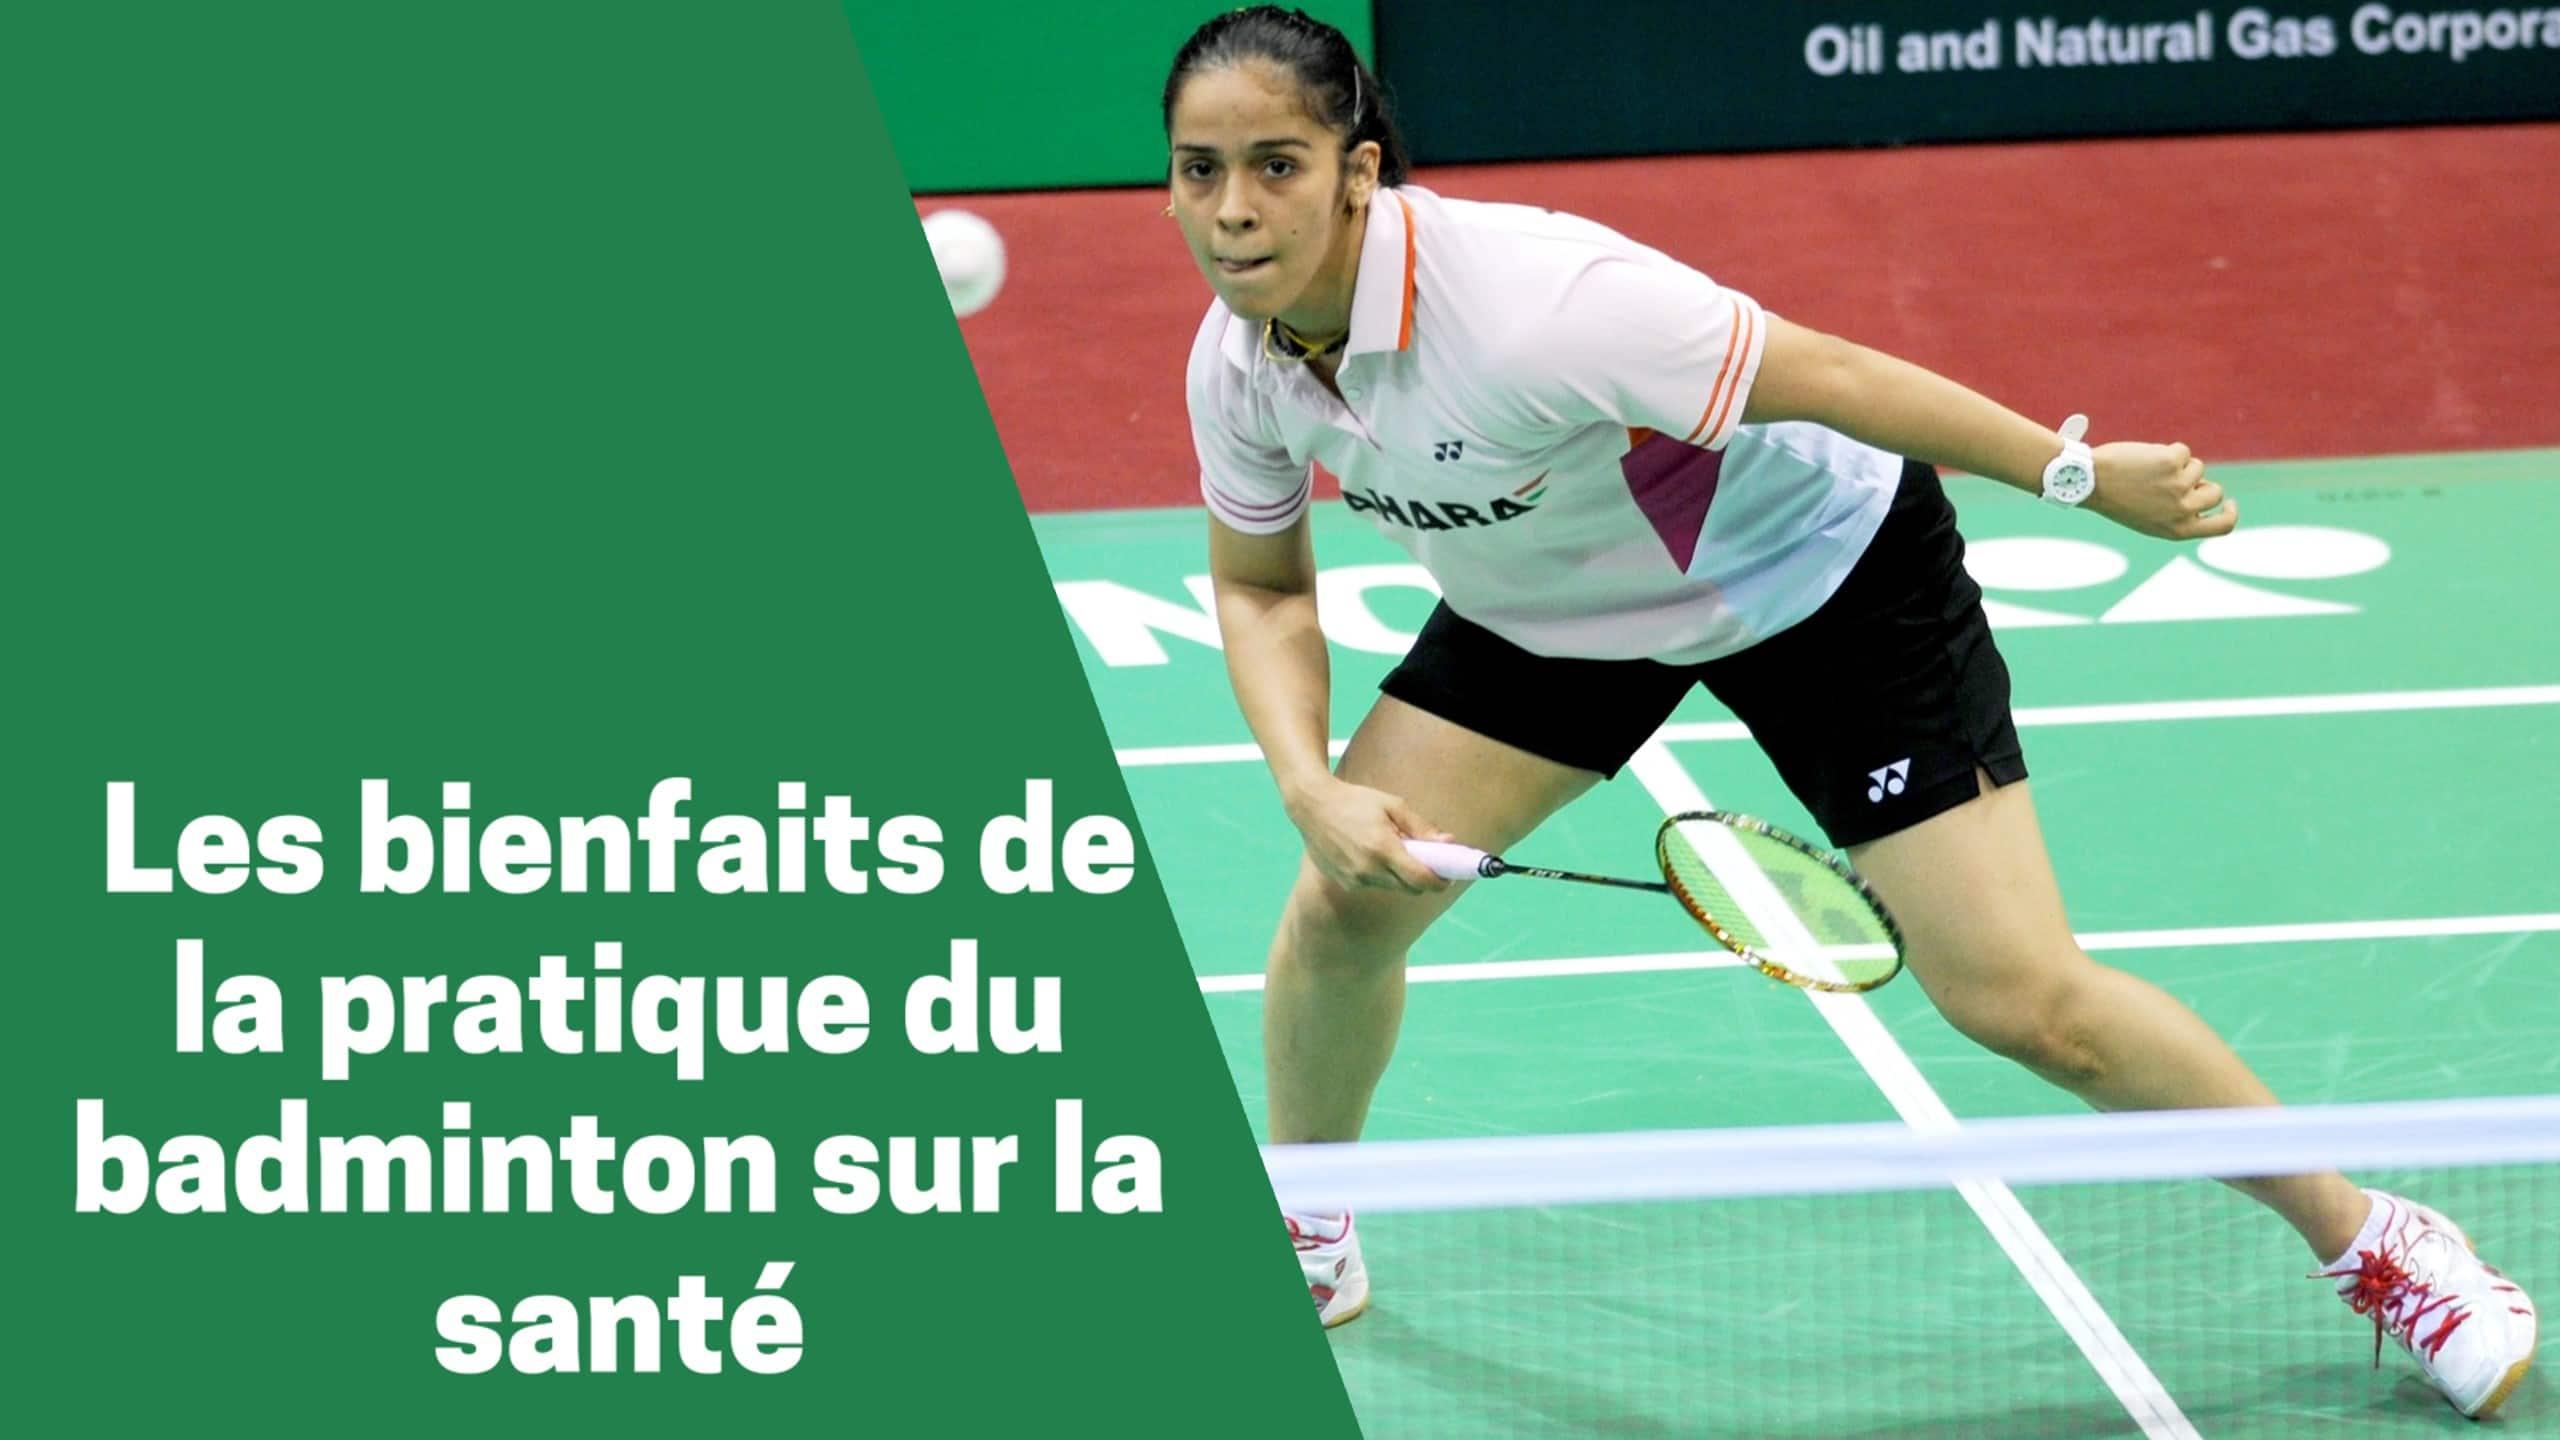 Photo de Badminton : les 10 avantages sur la santé humaine